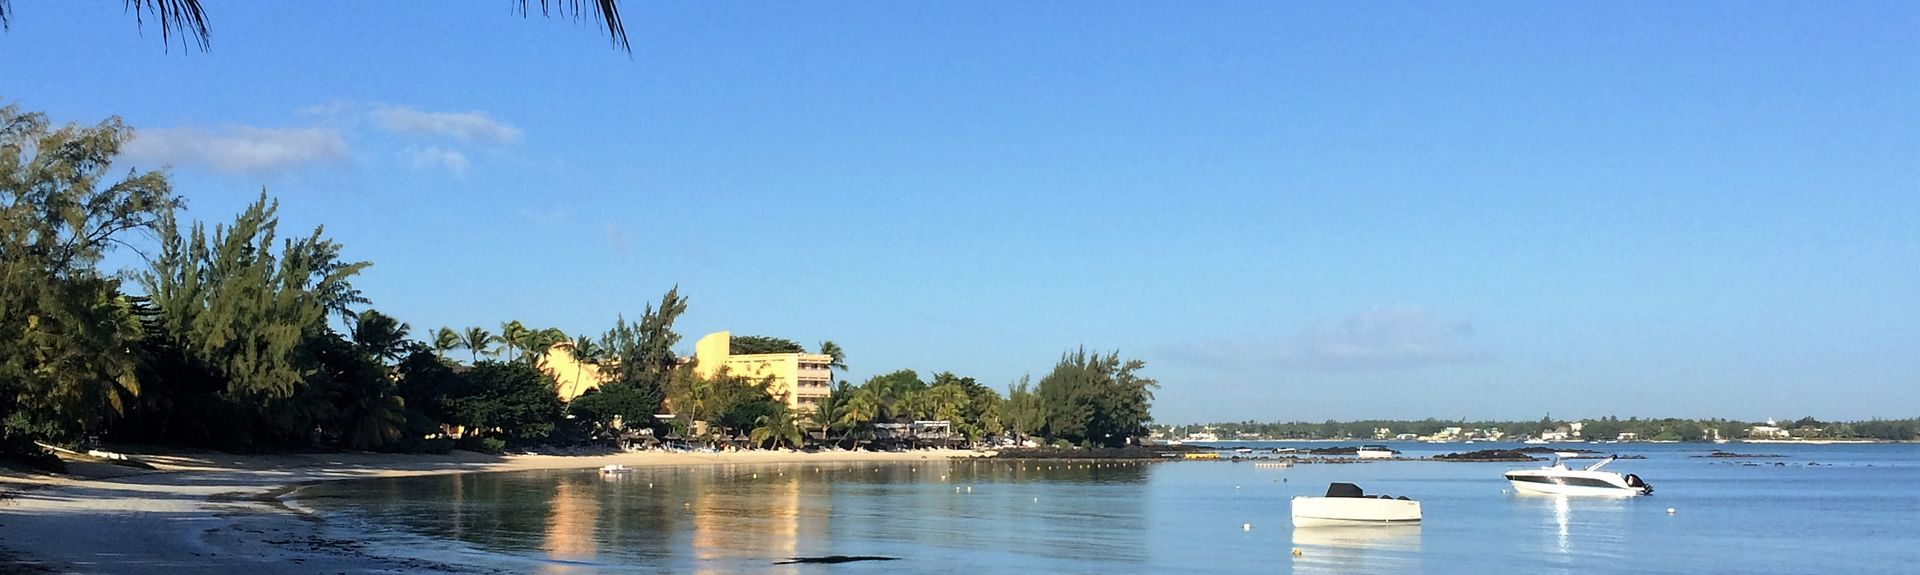 Cap Malheureux, Rivière du Rempart, Mauritius